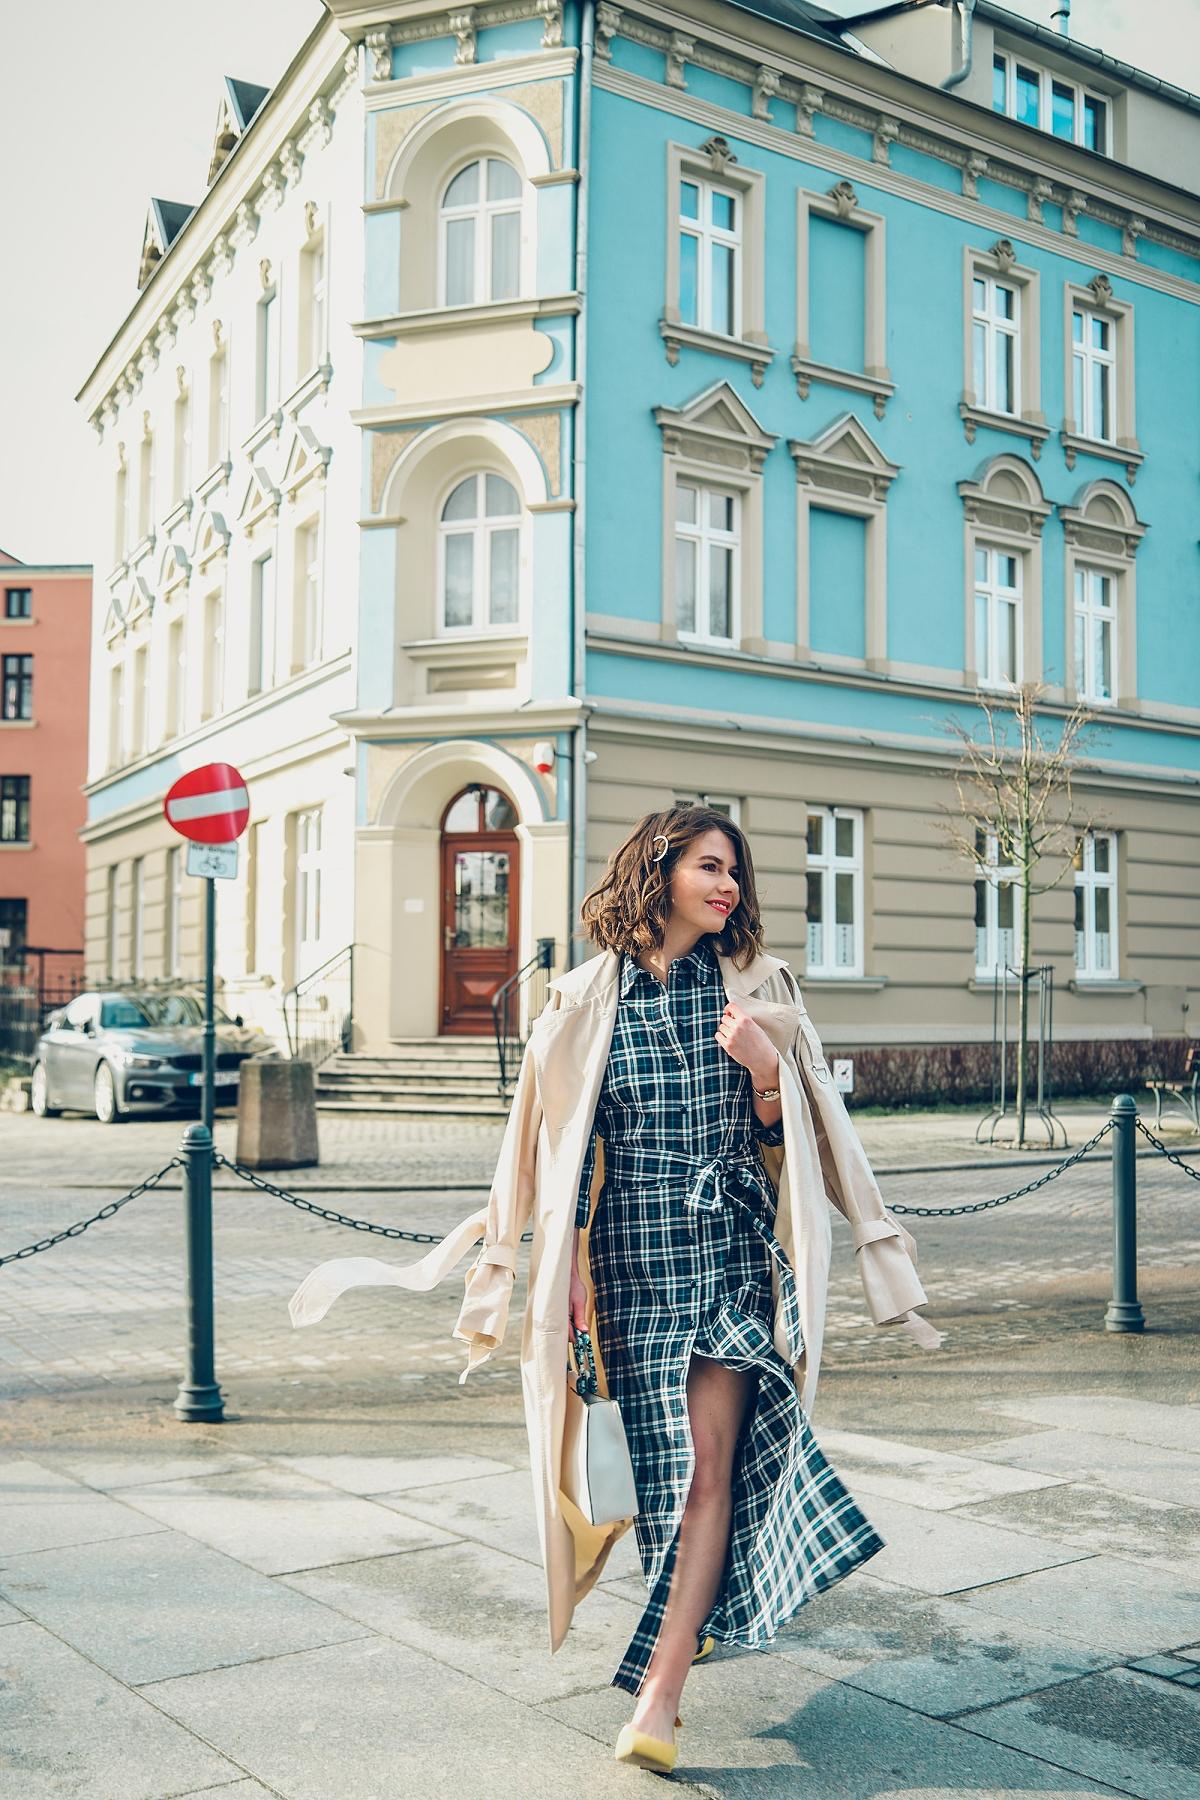 wiosenna stylizacja blog modowy trencz sukienka szmizjerka krata